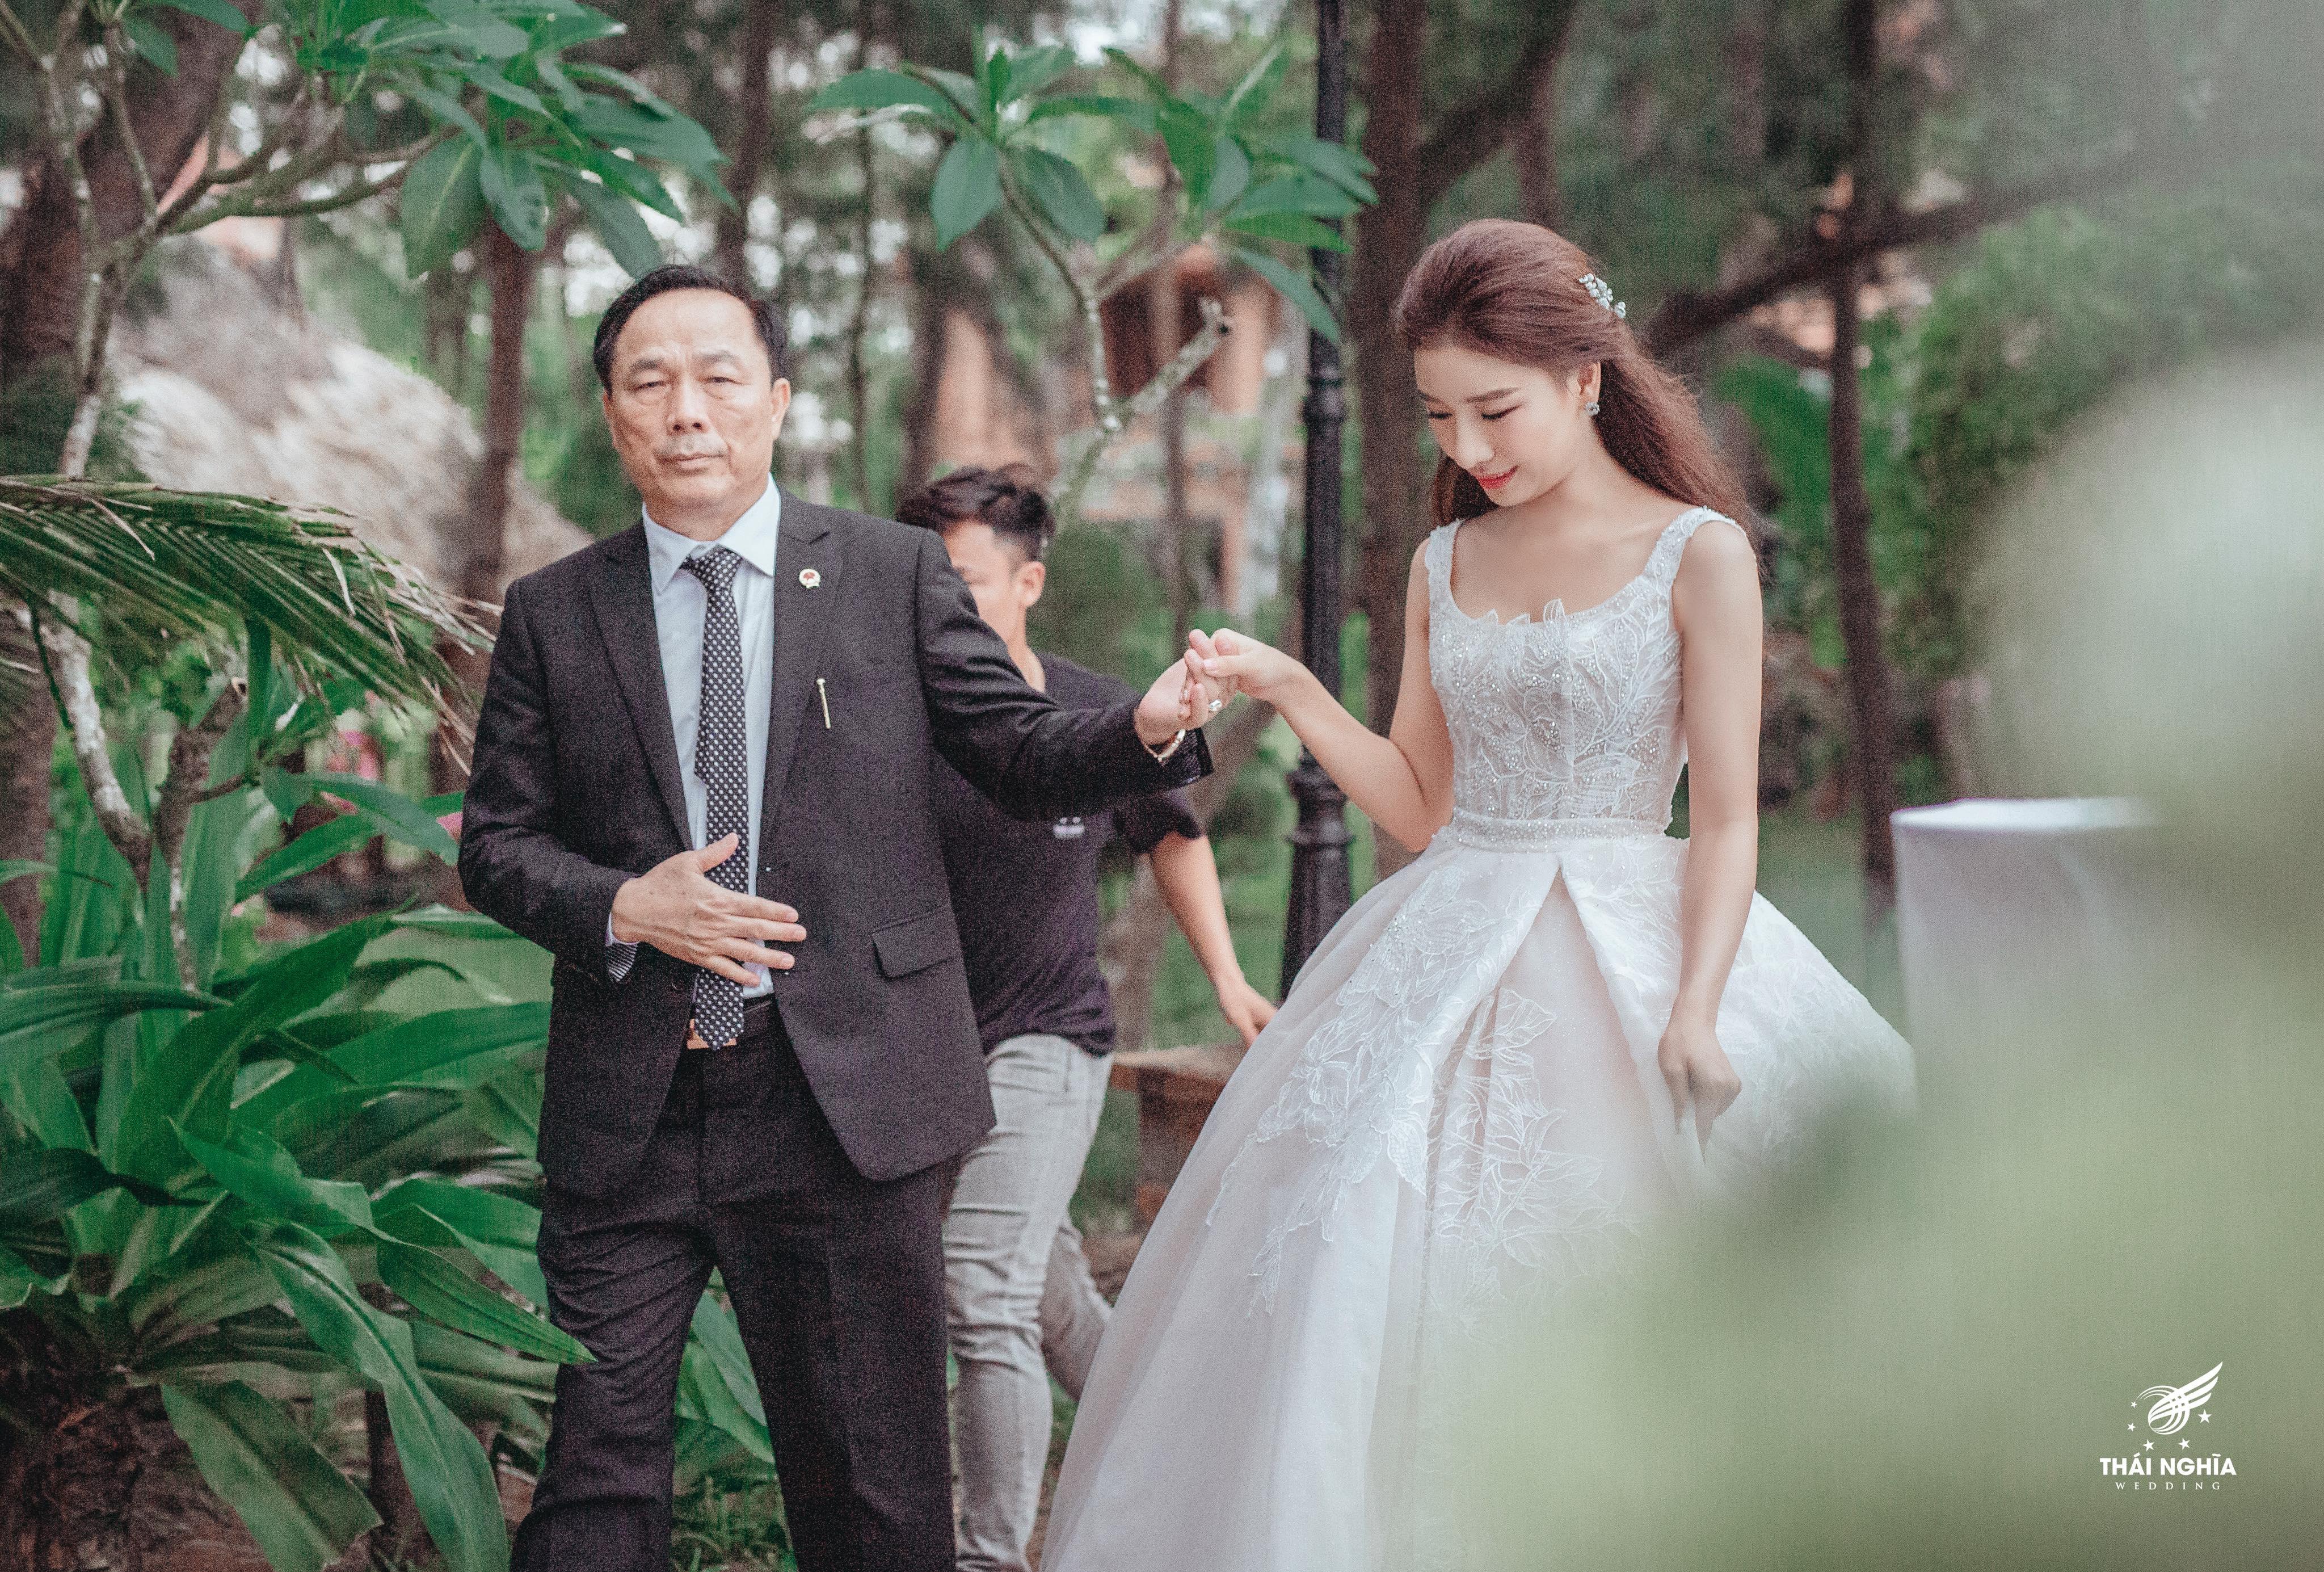 NTK váy cưới của 'ái nữ' bầu Đệ: 'Nhận được đầm cưới, cô dâu đã bật khóc'! Ảnh 2